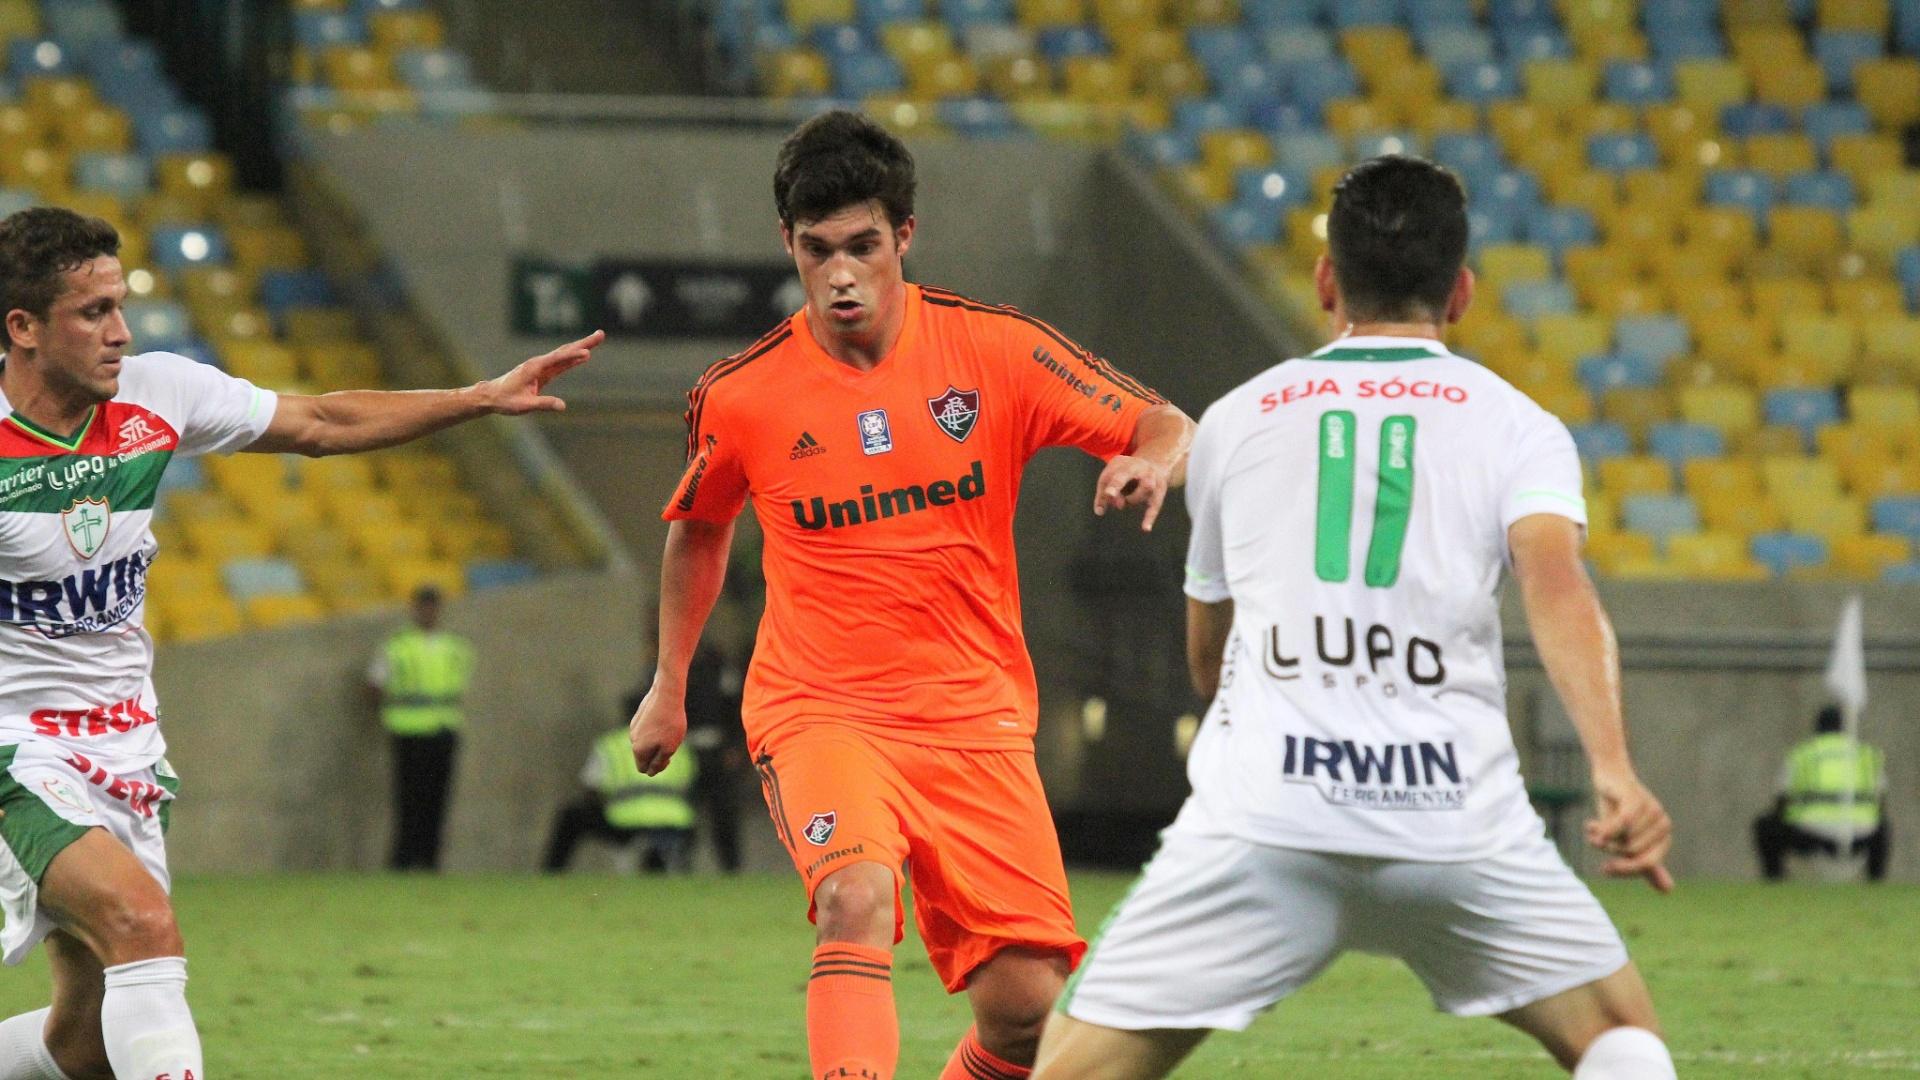 14.set.2013 - Filho de Abel, Fábio Braga, do Fluminense, é cercado por dois jogadores da Portuguesa